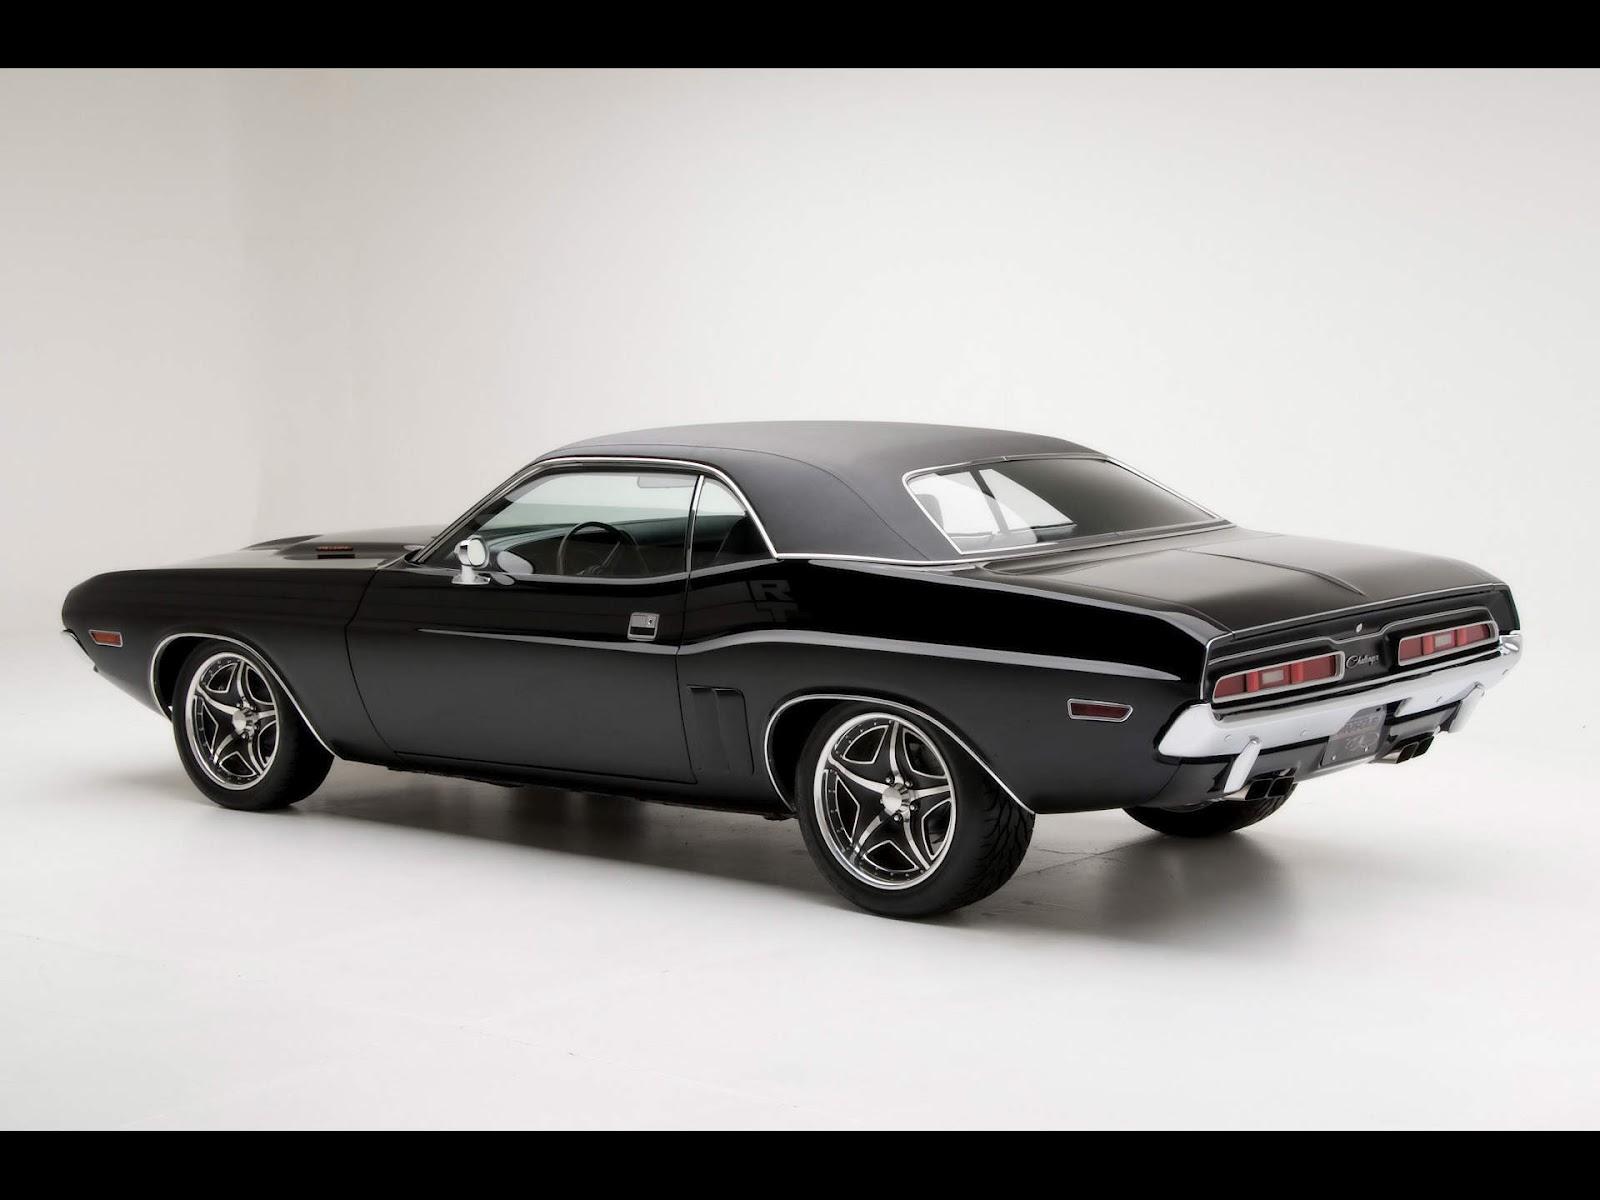 http://3.bp.blogspot.com/-2Eo-DuMSfAM/T4IJj-4R6zI/AAAAAAAADbI/4s-nZ2ciPSk/s1600/1971_Dodge_Challenger_RT_Classic_Cars_Wallpaper-Muscle_cars_wallpaper.jpg